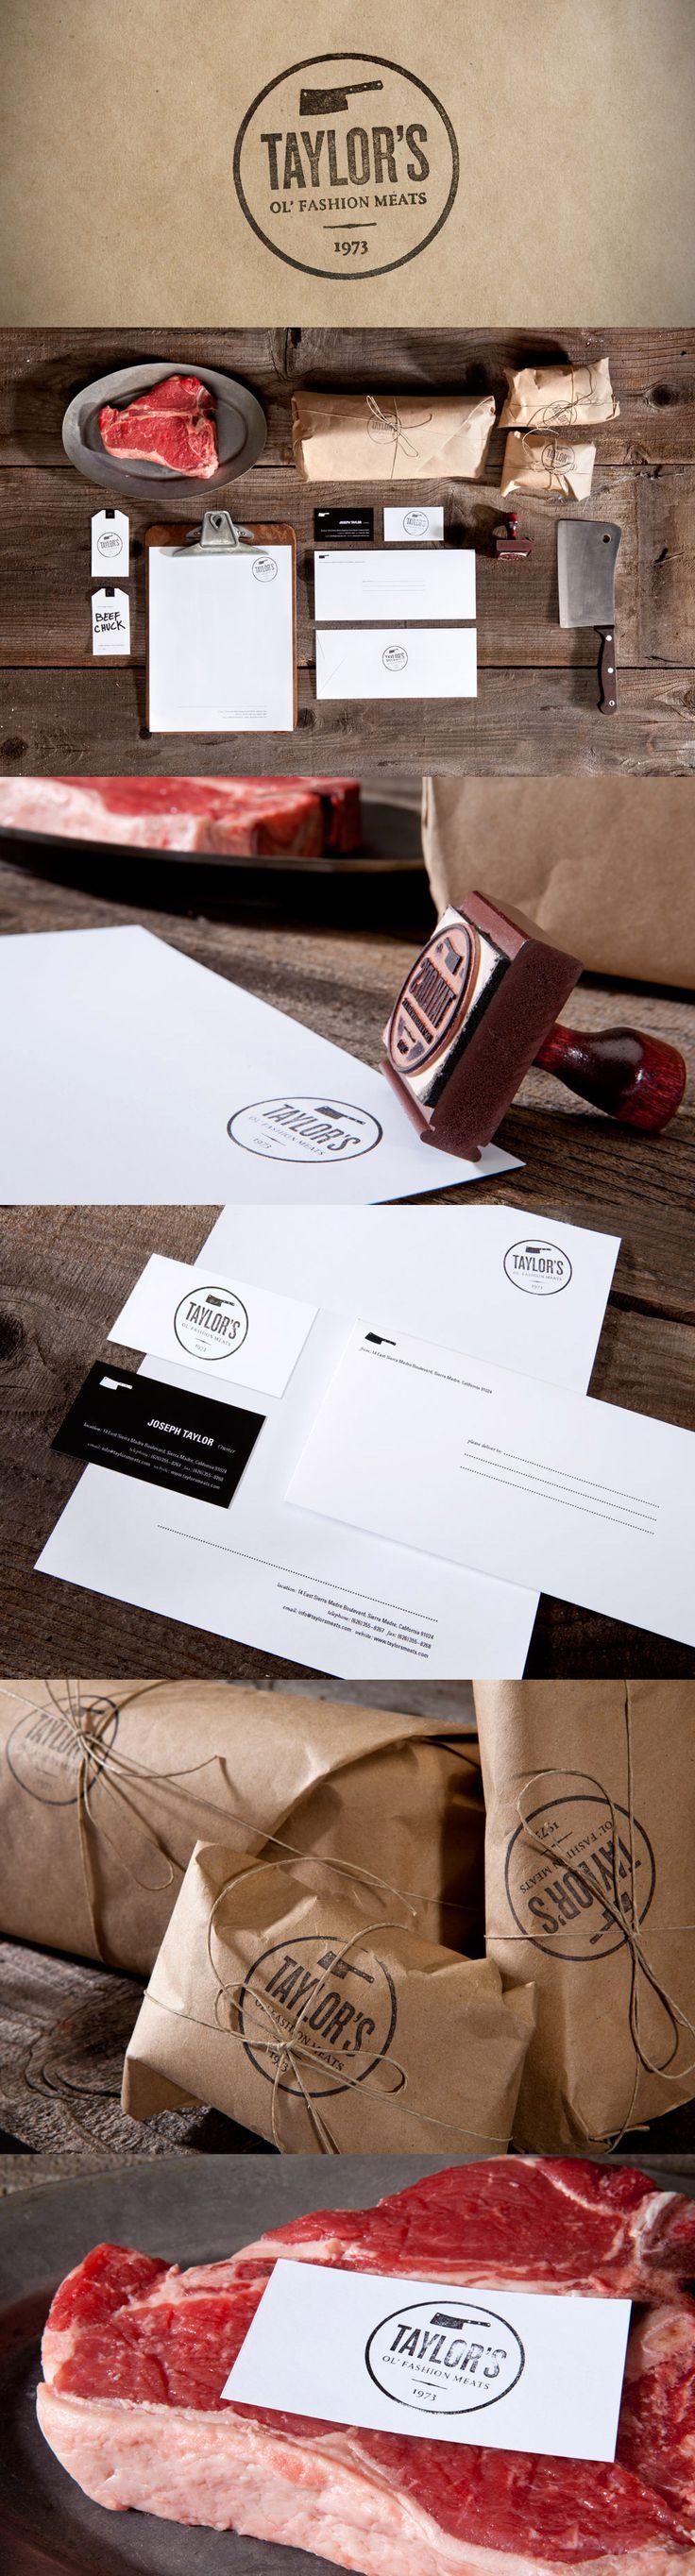 Met een stempel kun je vele kanten op! Bestempel neutrale kraft vellen of neutraal papier. Personaliseer op een voordelige manier uw verpakkingen met een stoere uitstraling.    Wij bieden stempels aan in diverse afmetingen, rond of vierkant.